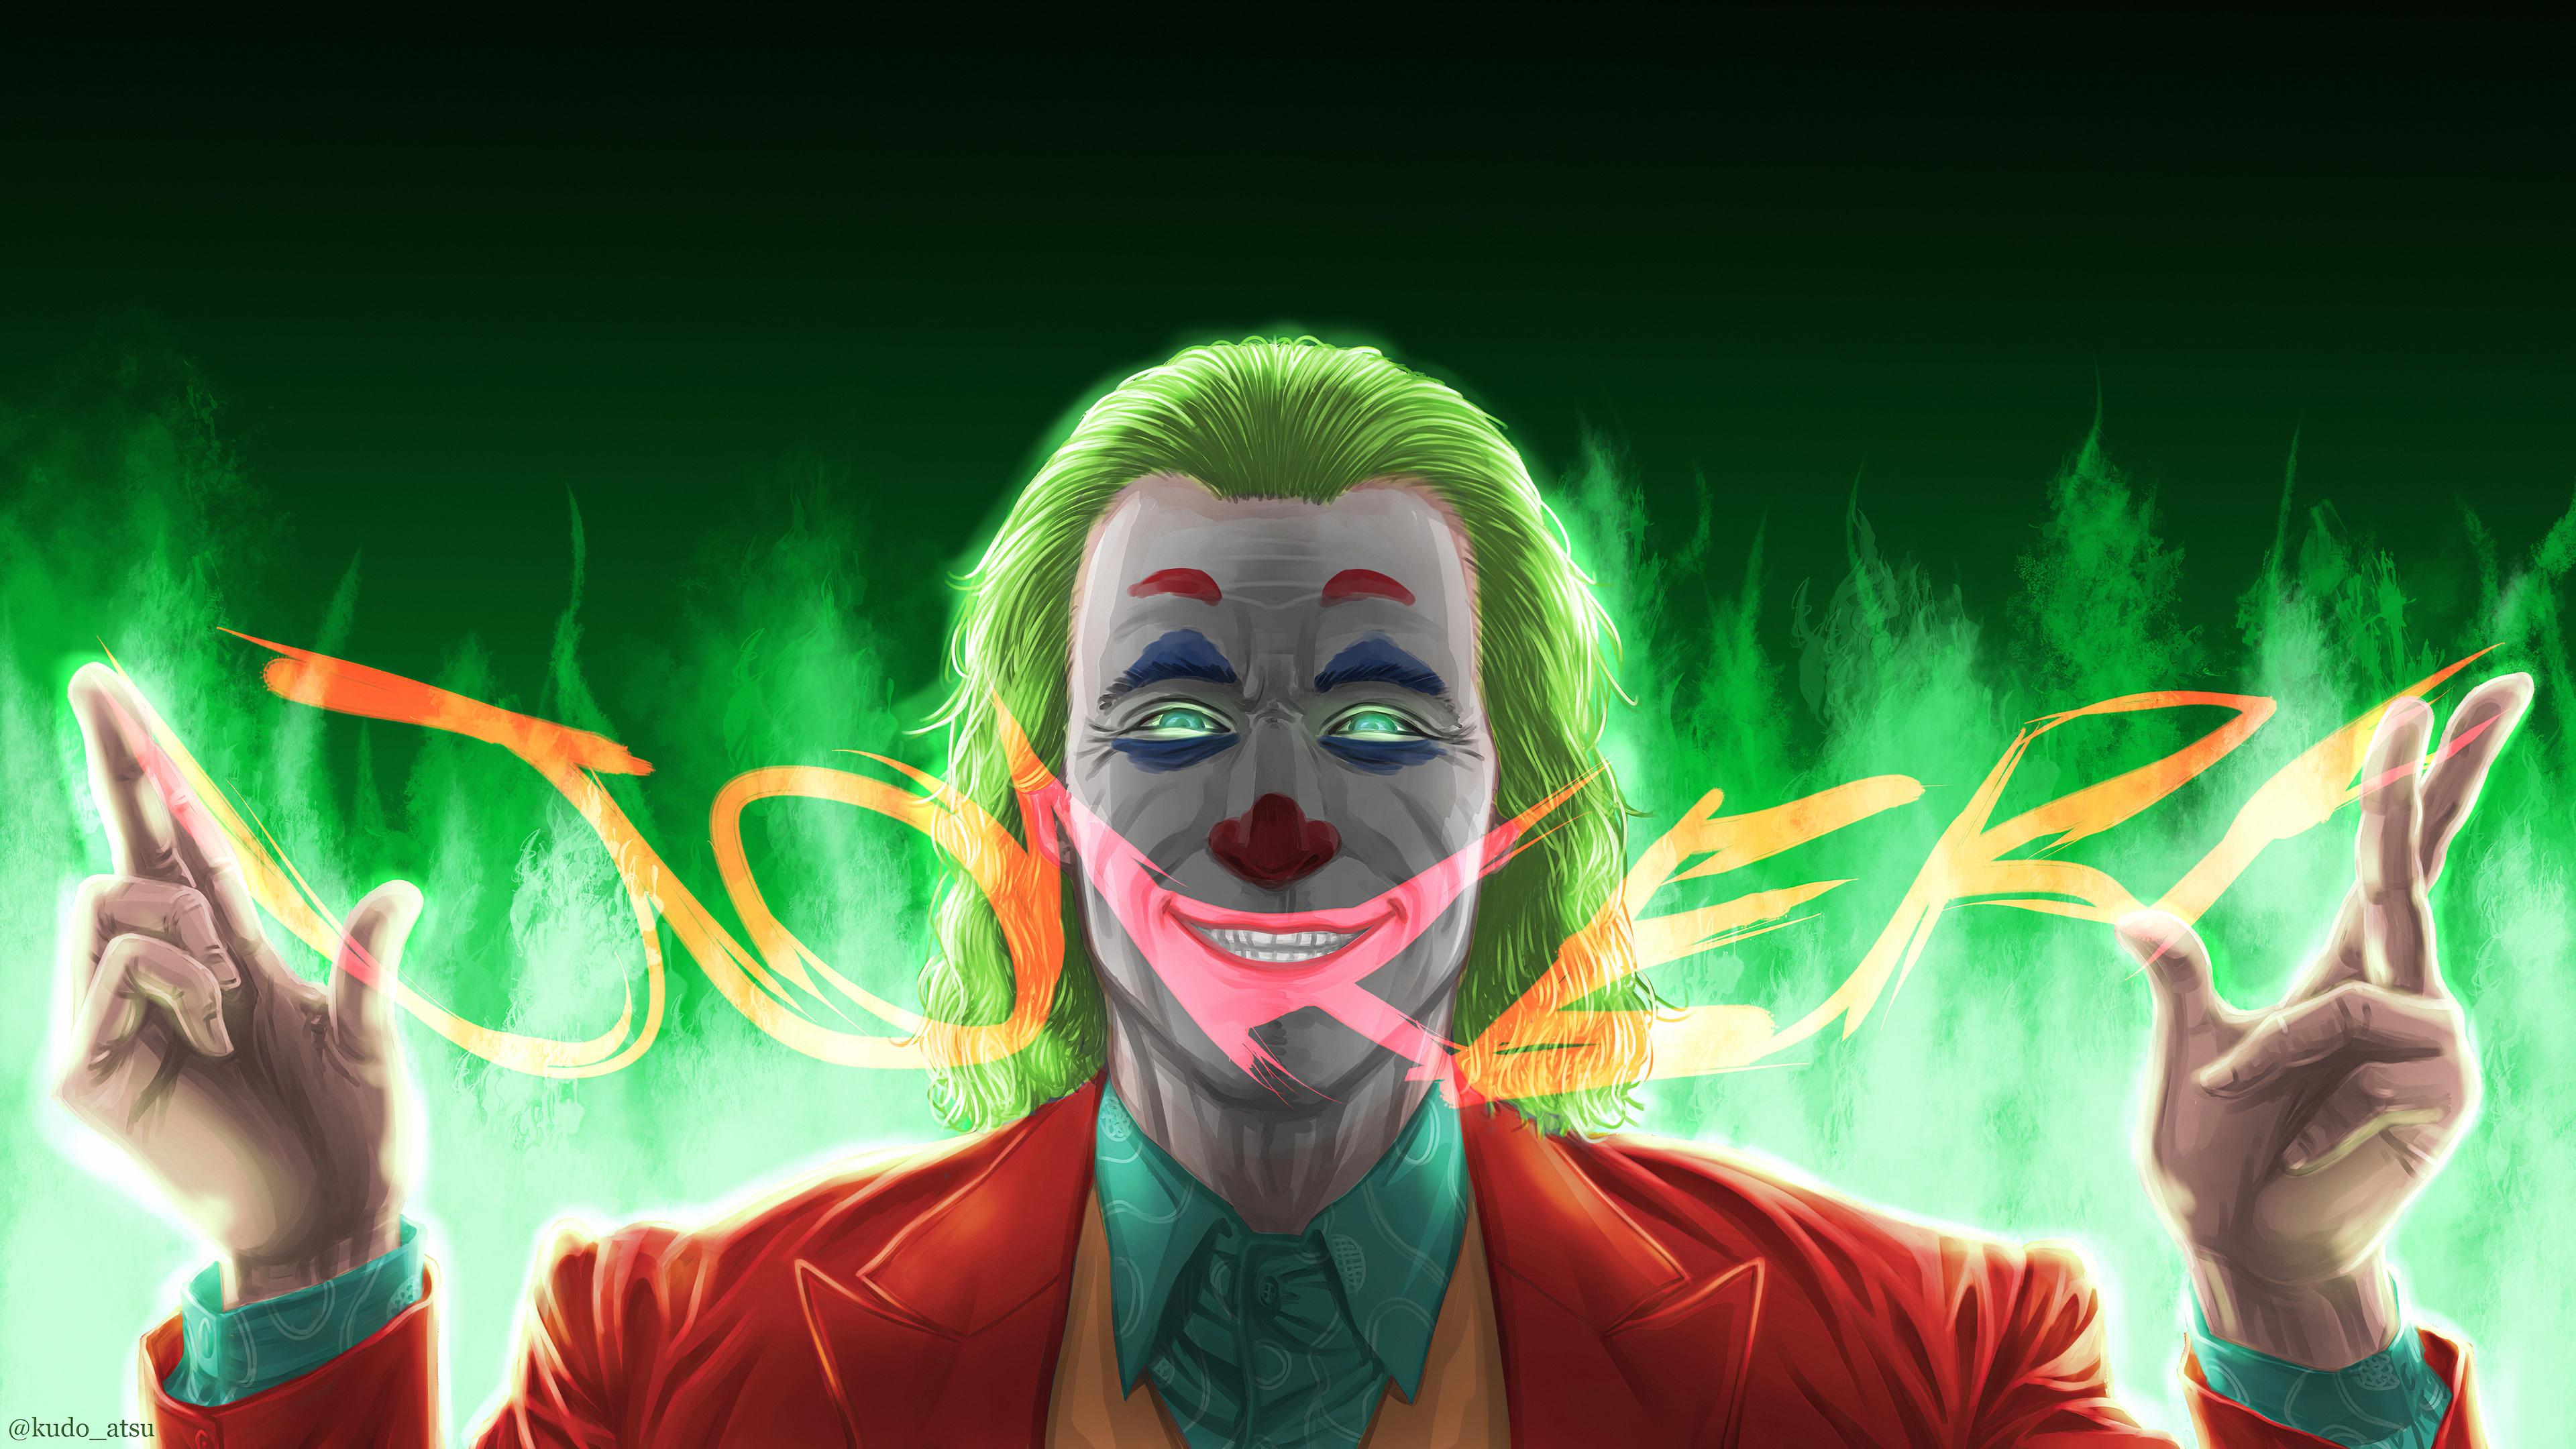 3840x2160 New Joker 4kartwork 4k HD 4k Wallpapers, Images ...